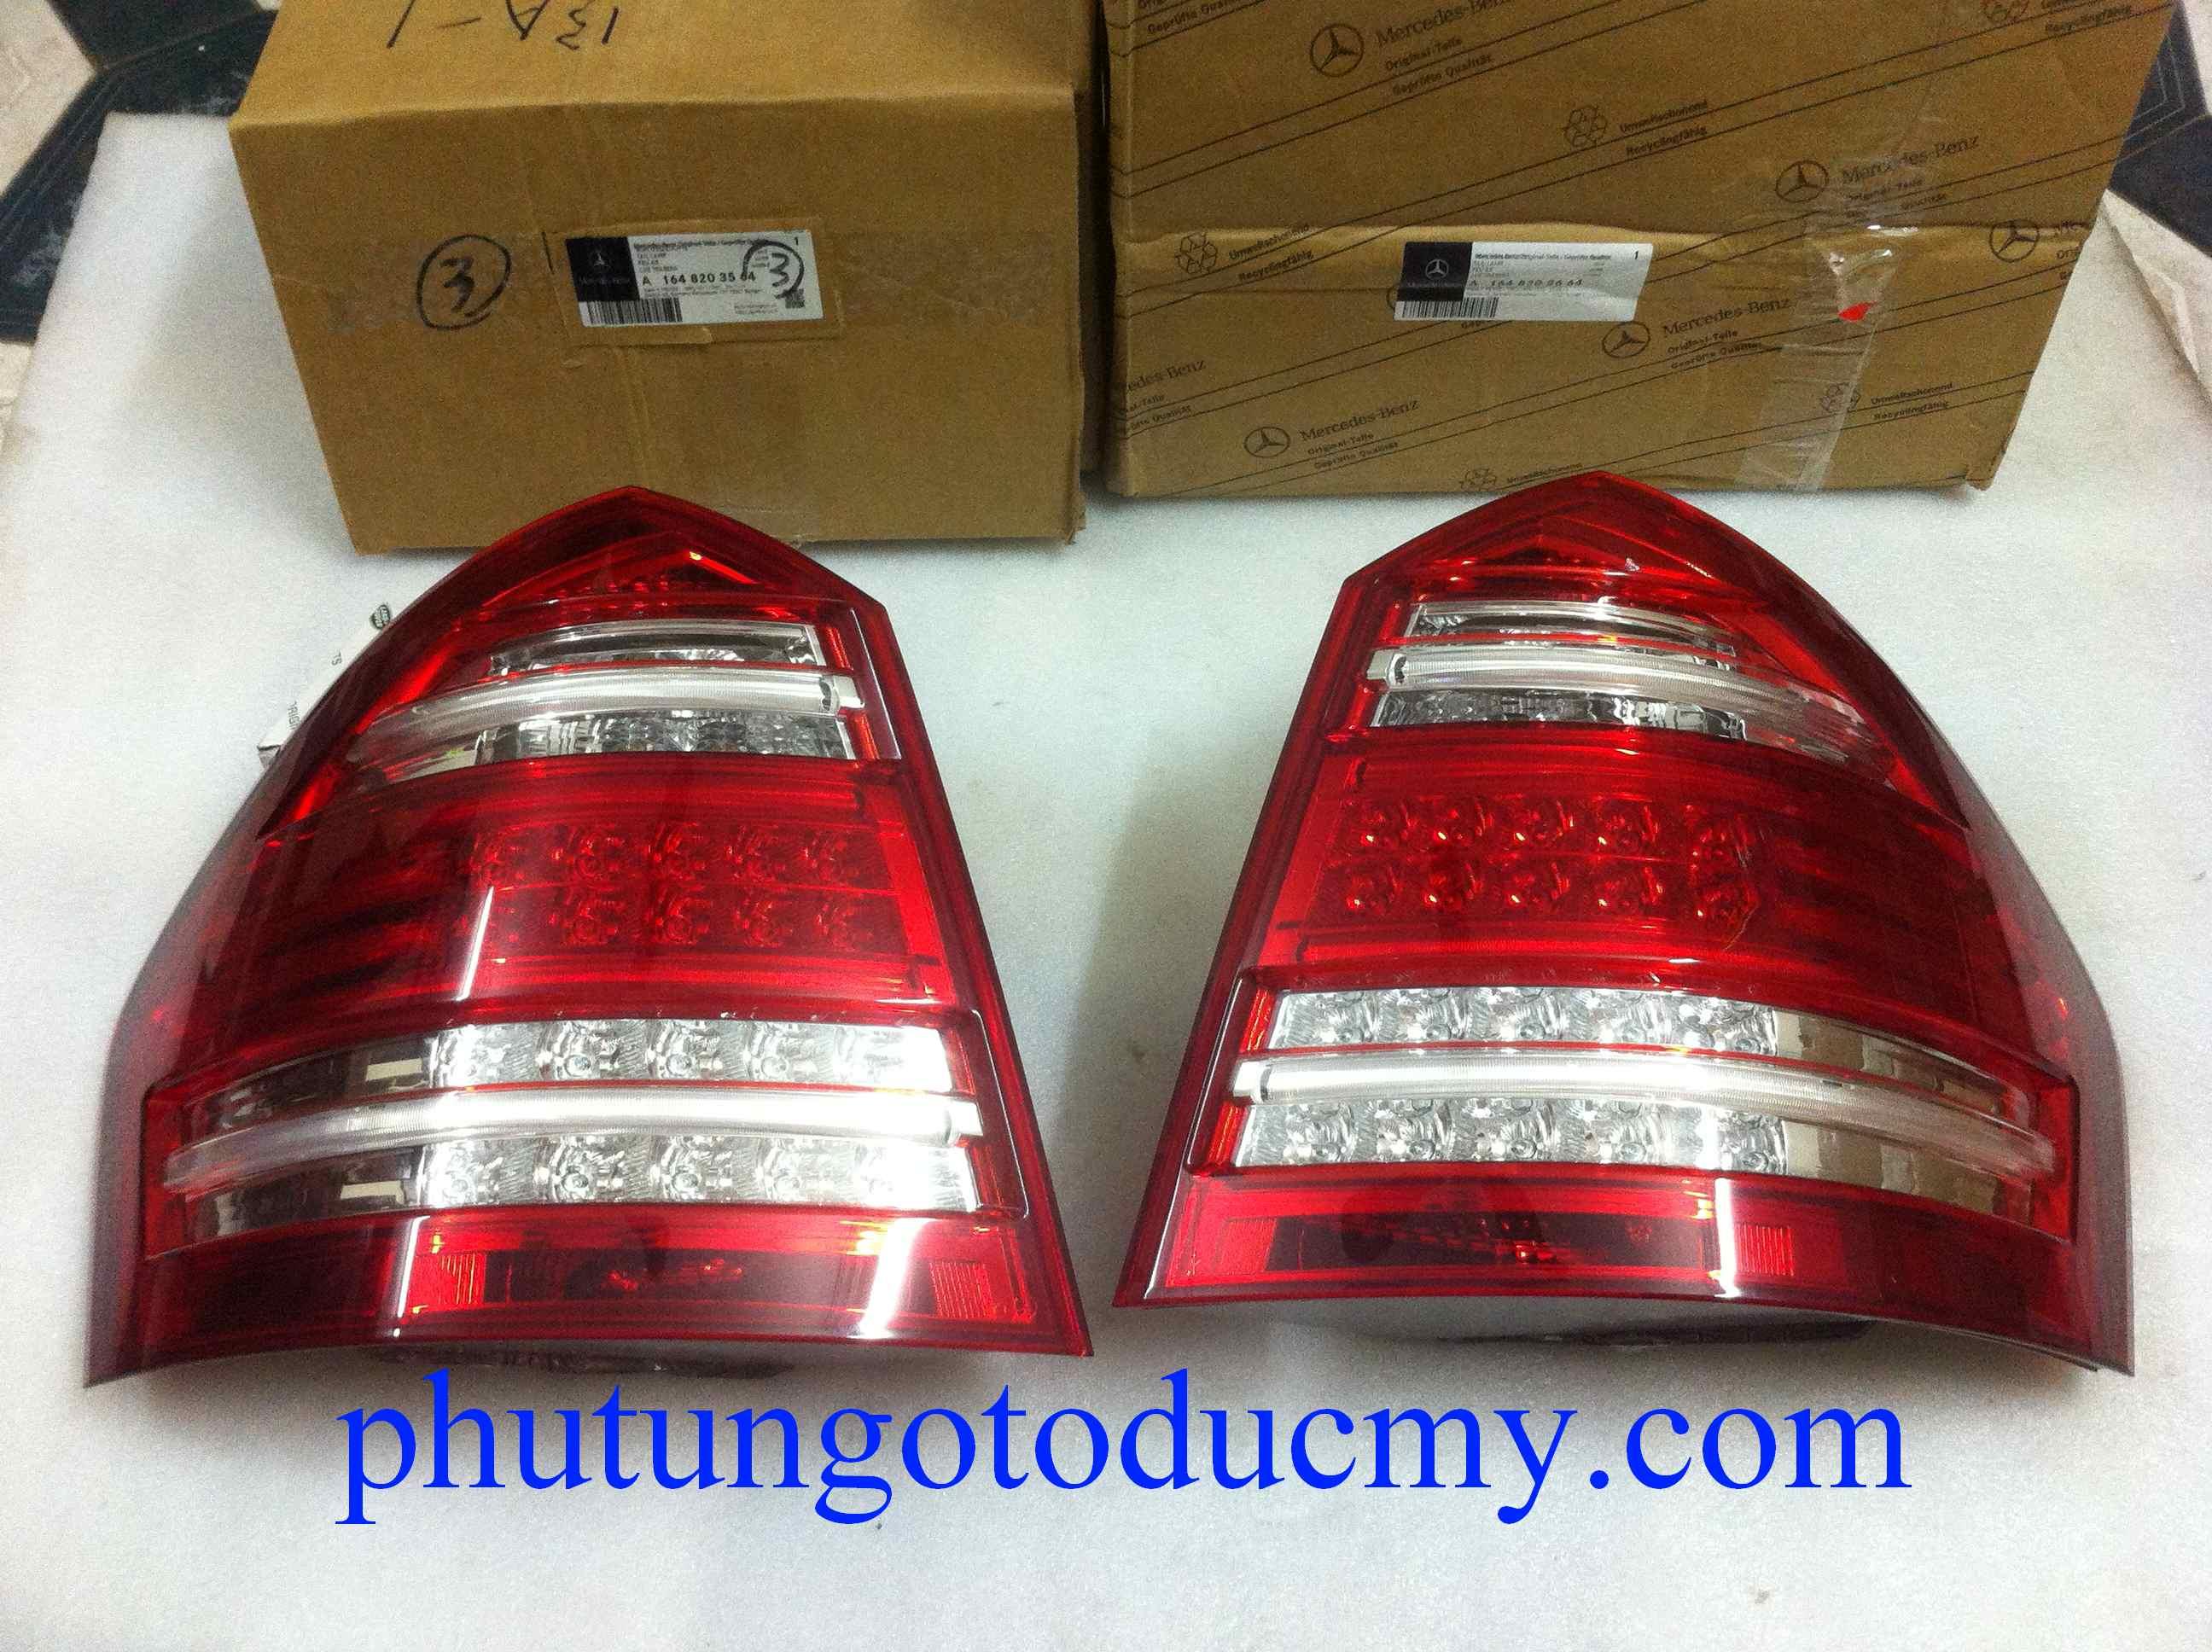 Đèn hậu Mercedes GL450,GL550 2010-2014 - A1648203564,A1648203664